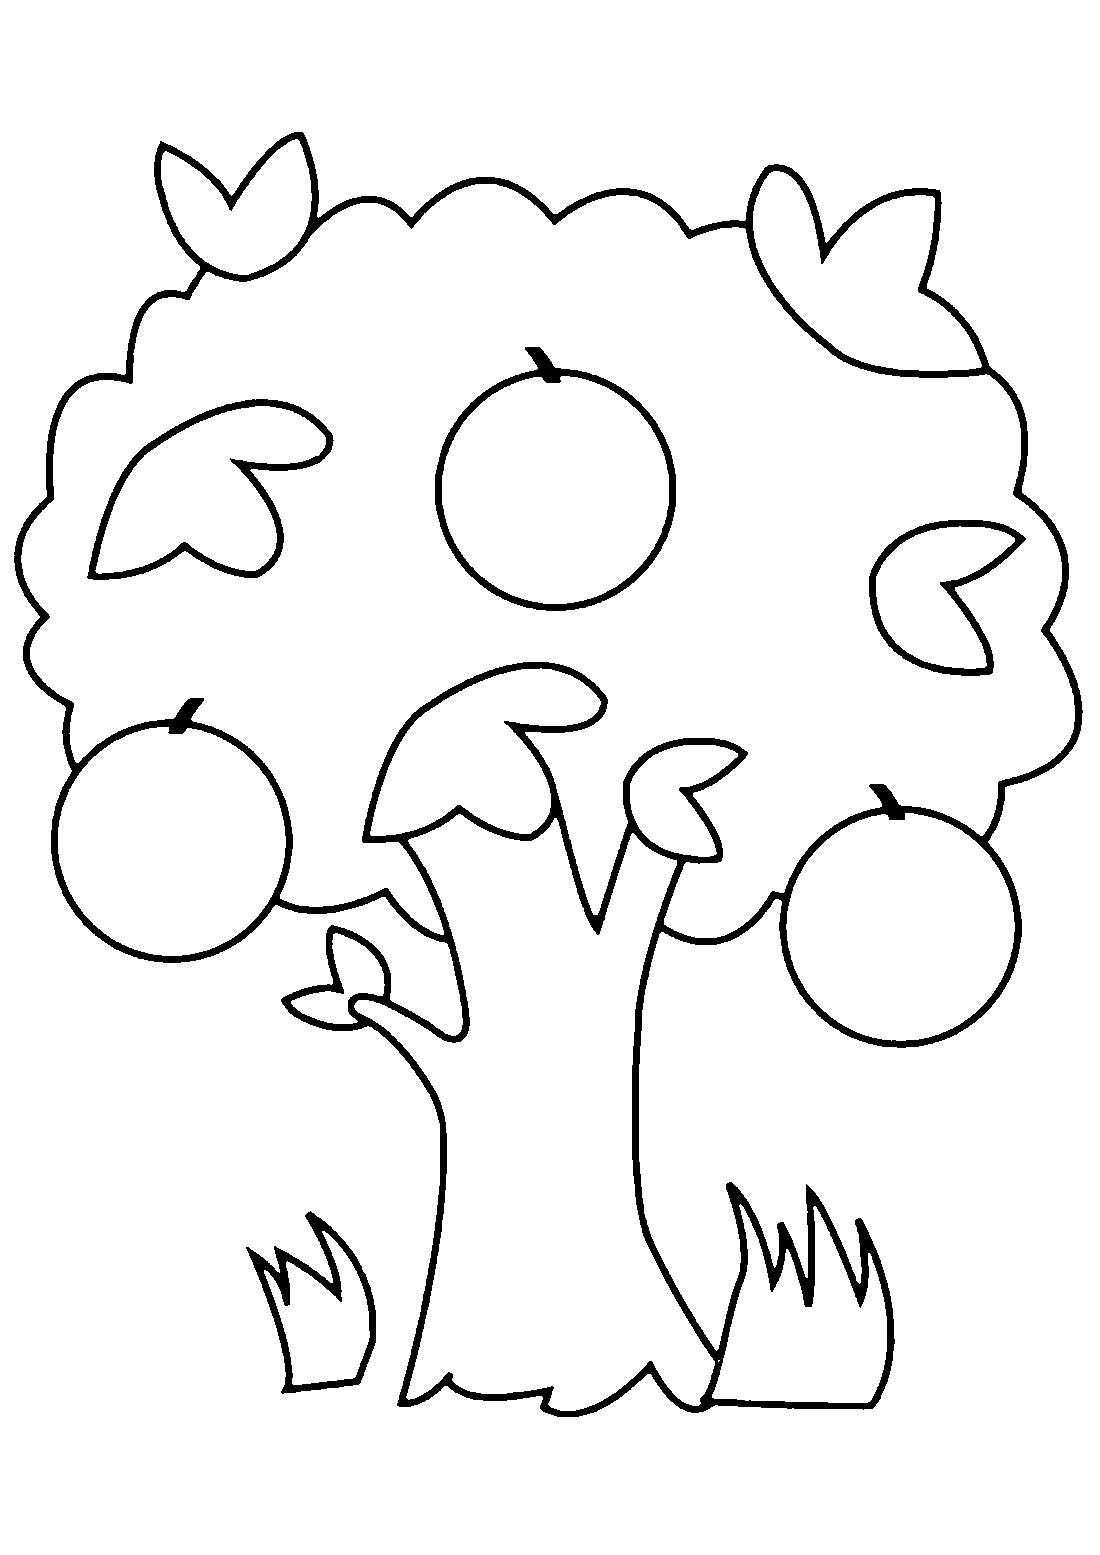 Простое дерево яблони - раскраска №11089 | Printonic.ru